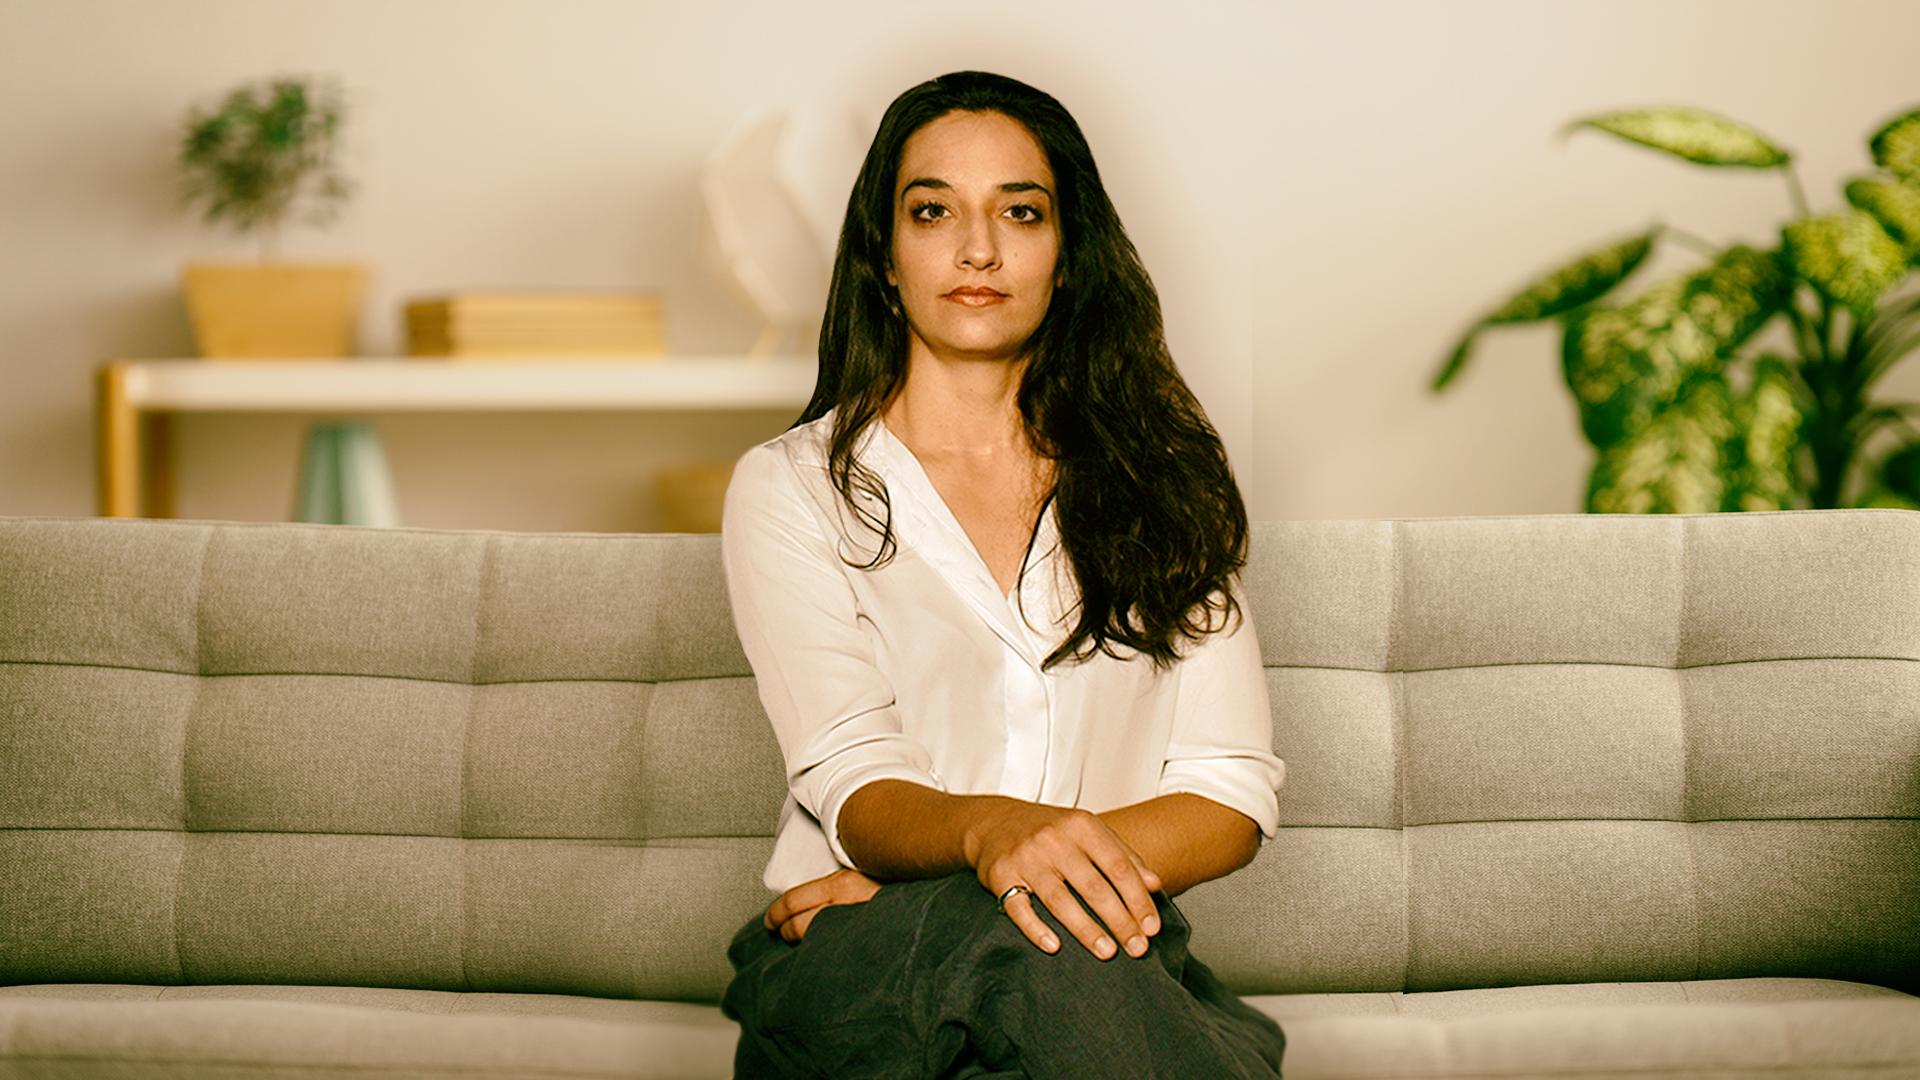 Iris Rigas - Actress